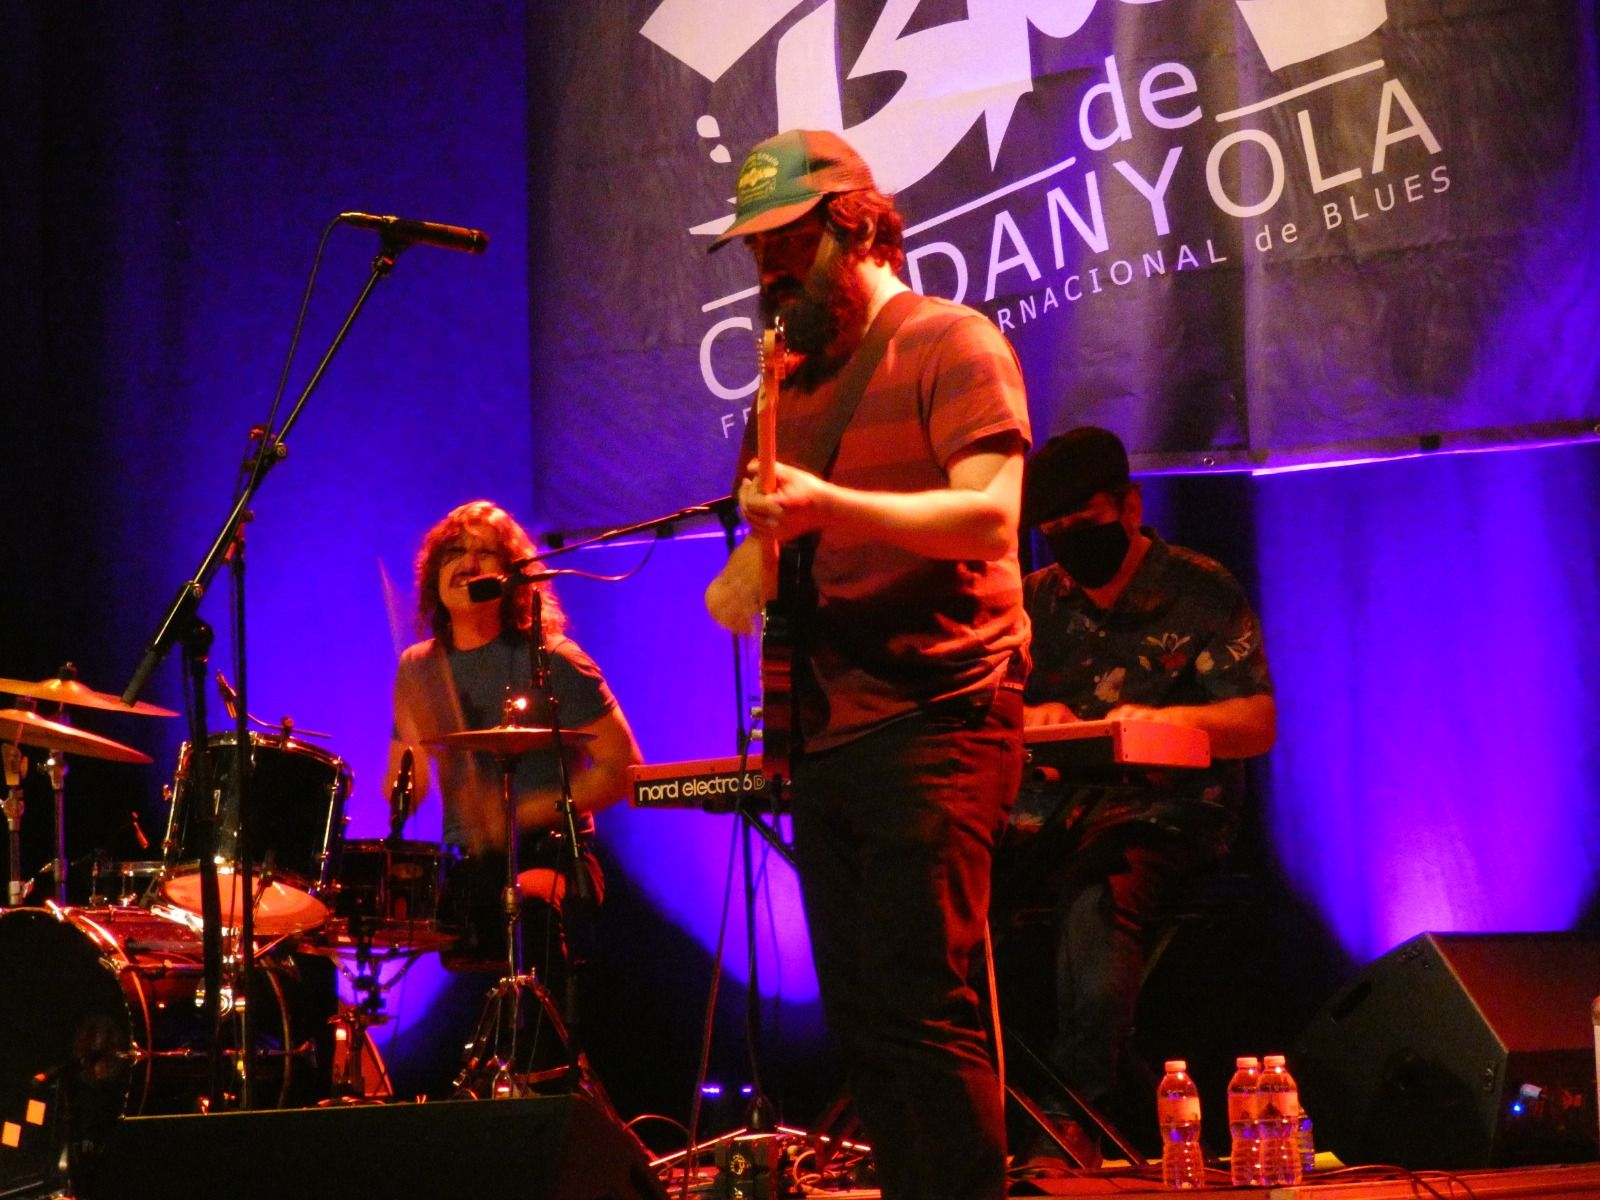 Les imatges de l'edició 29,5 del Festival Internacional de Blues